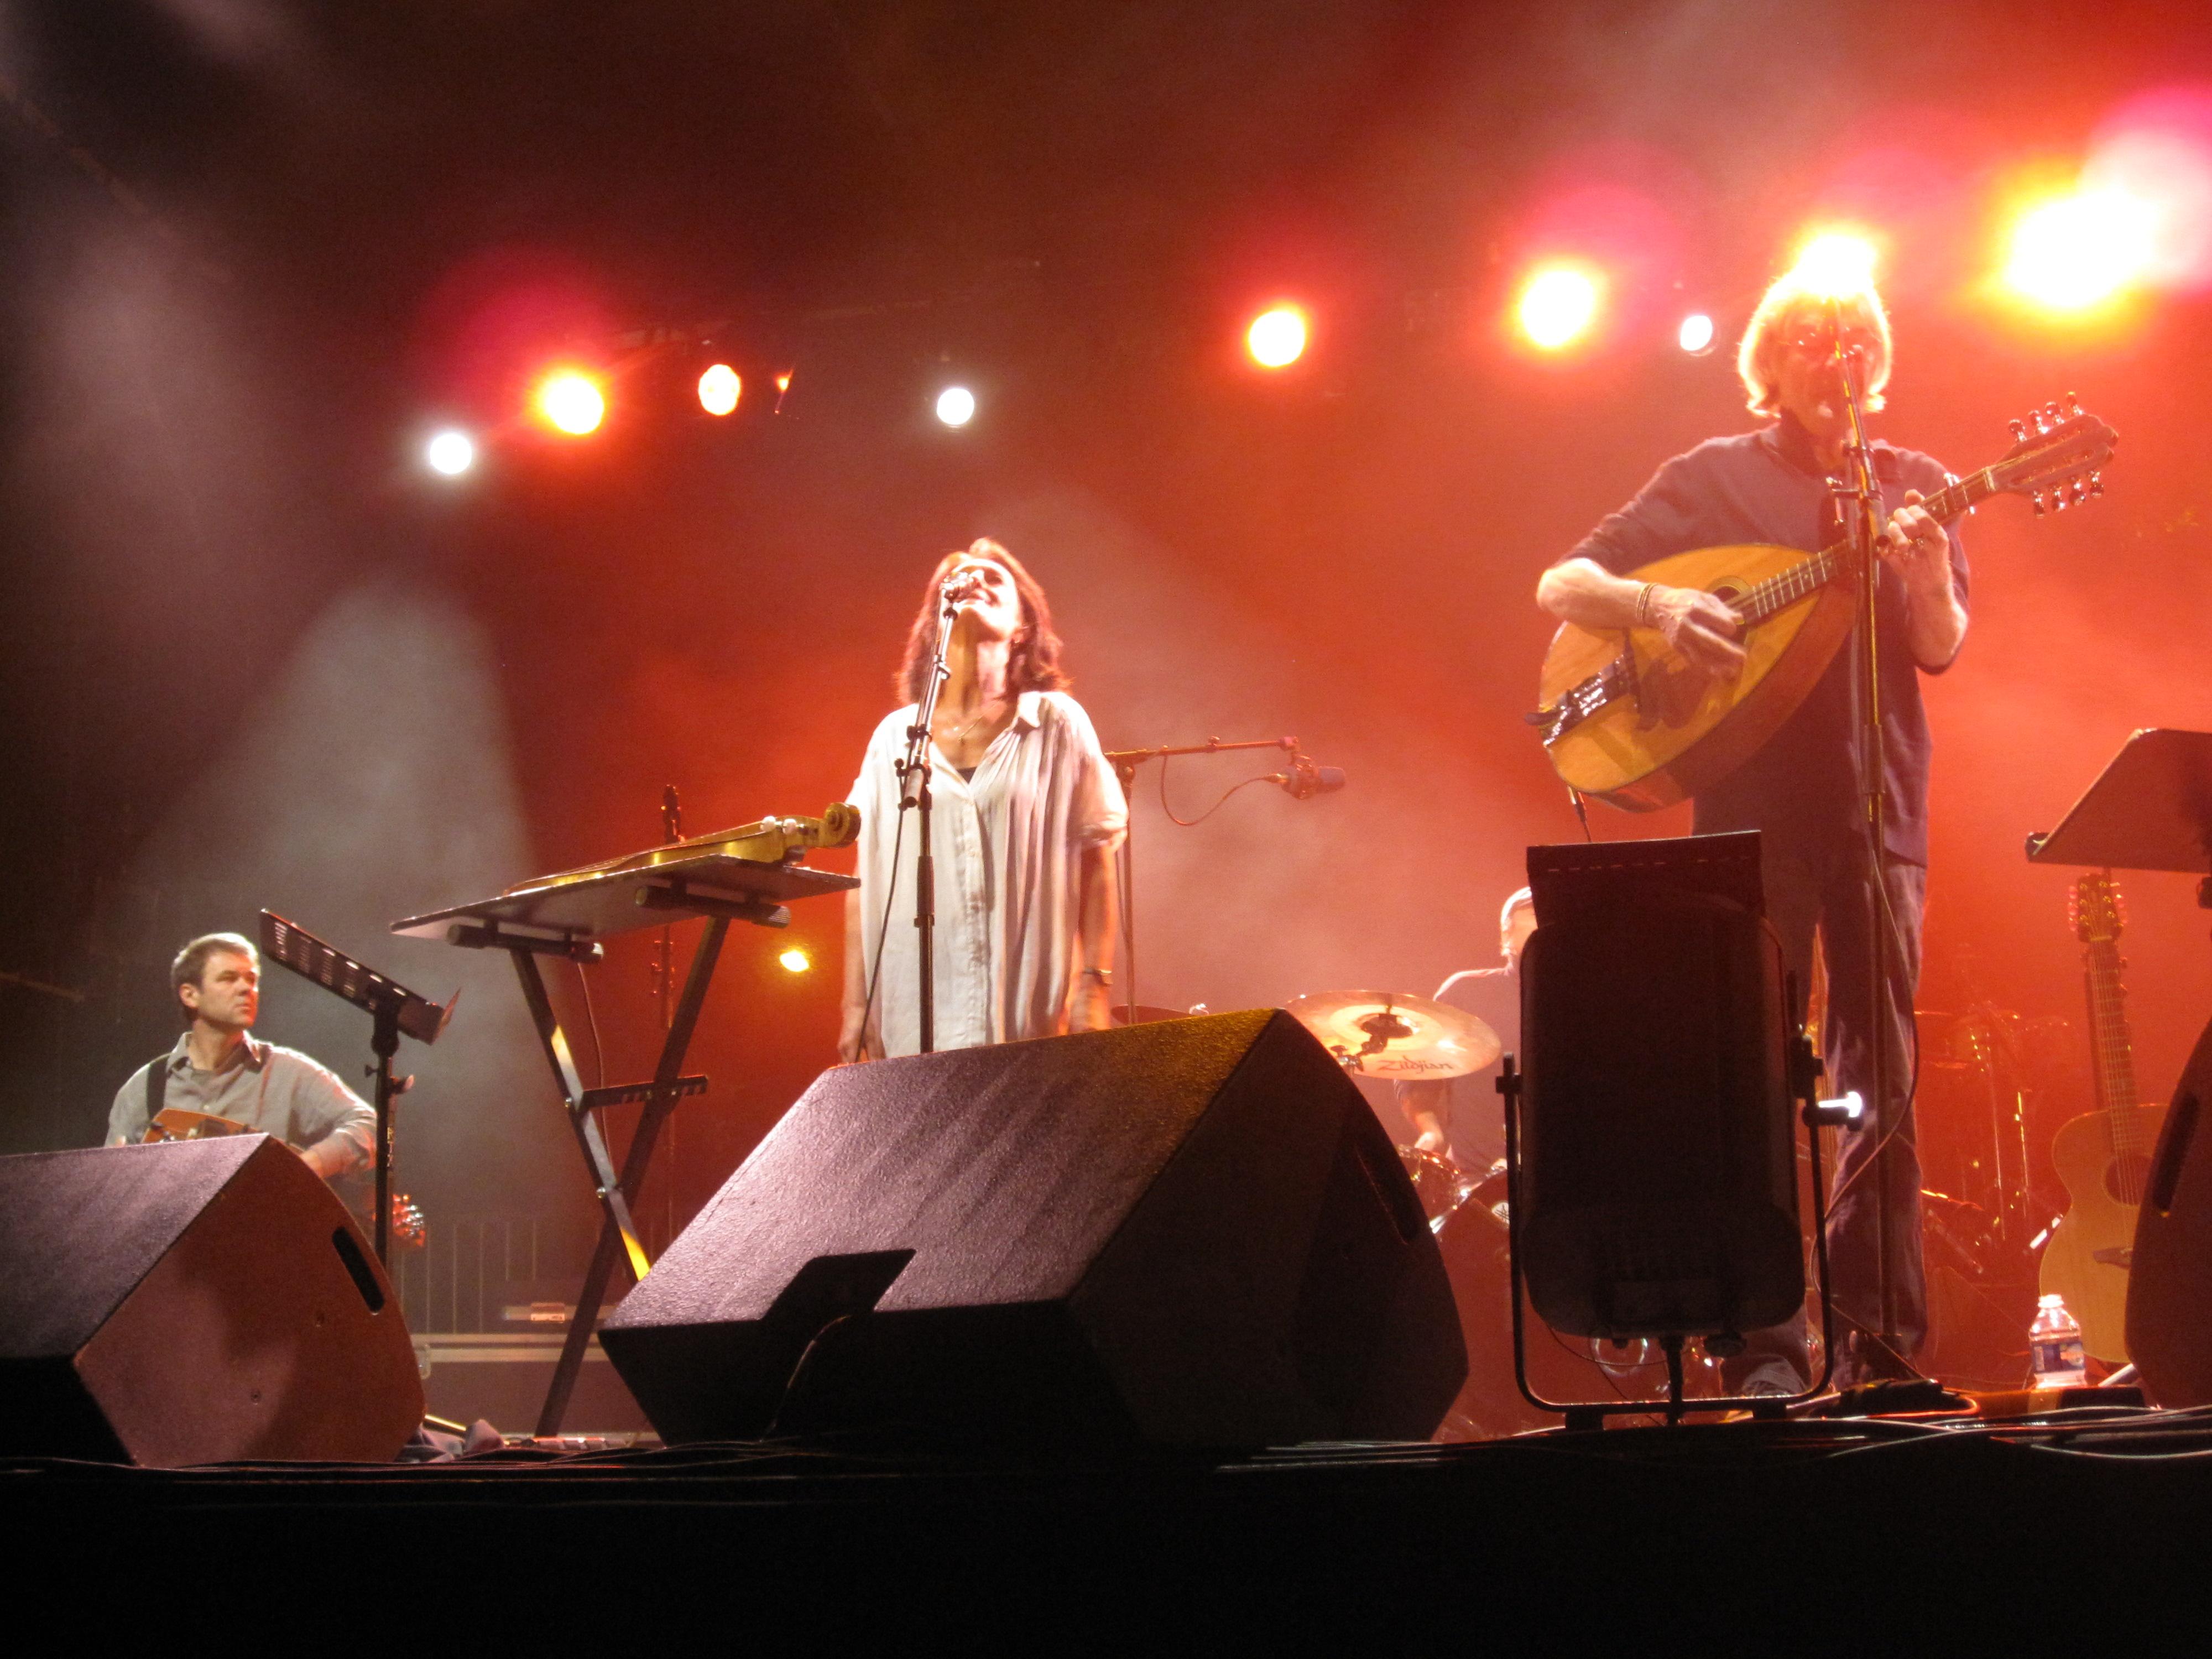 Malicorne (band) - Wikipedia